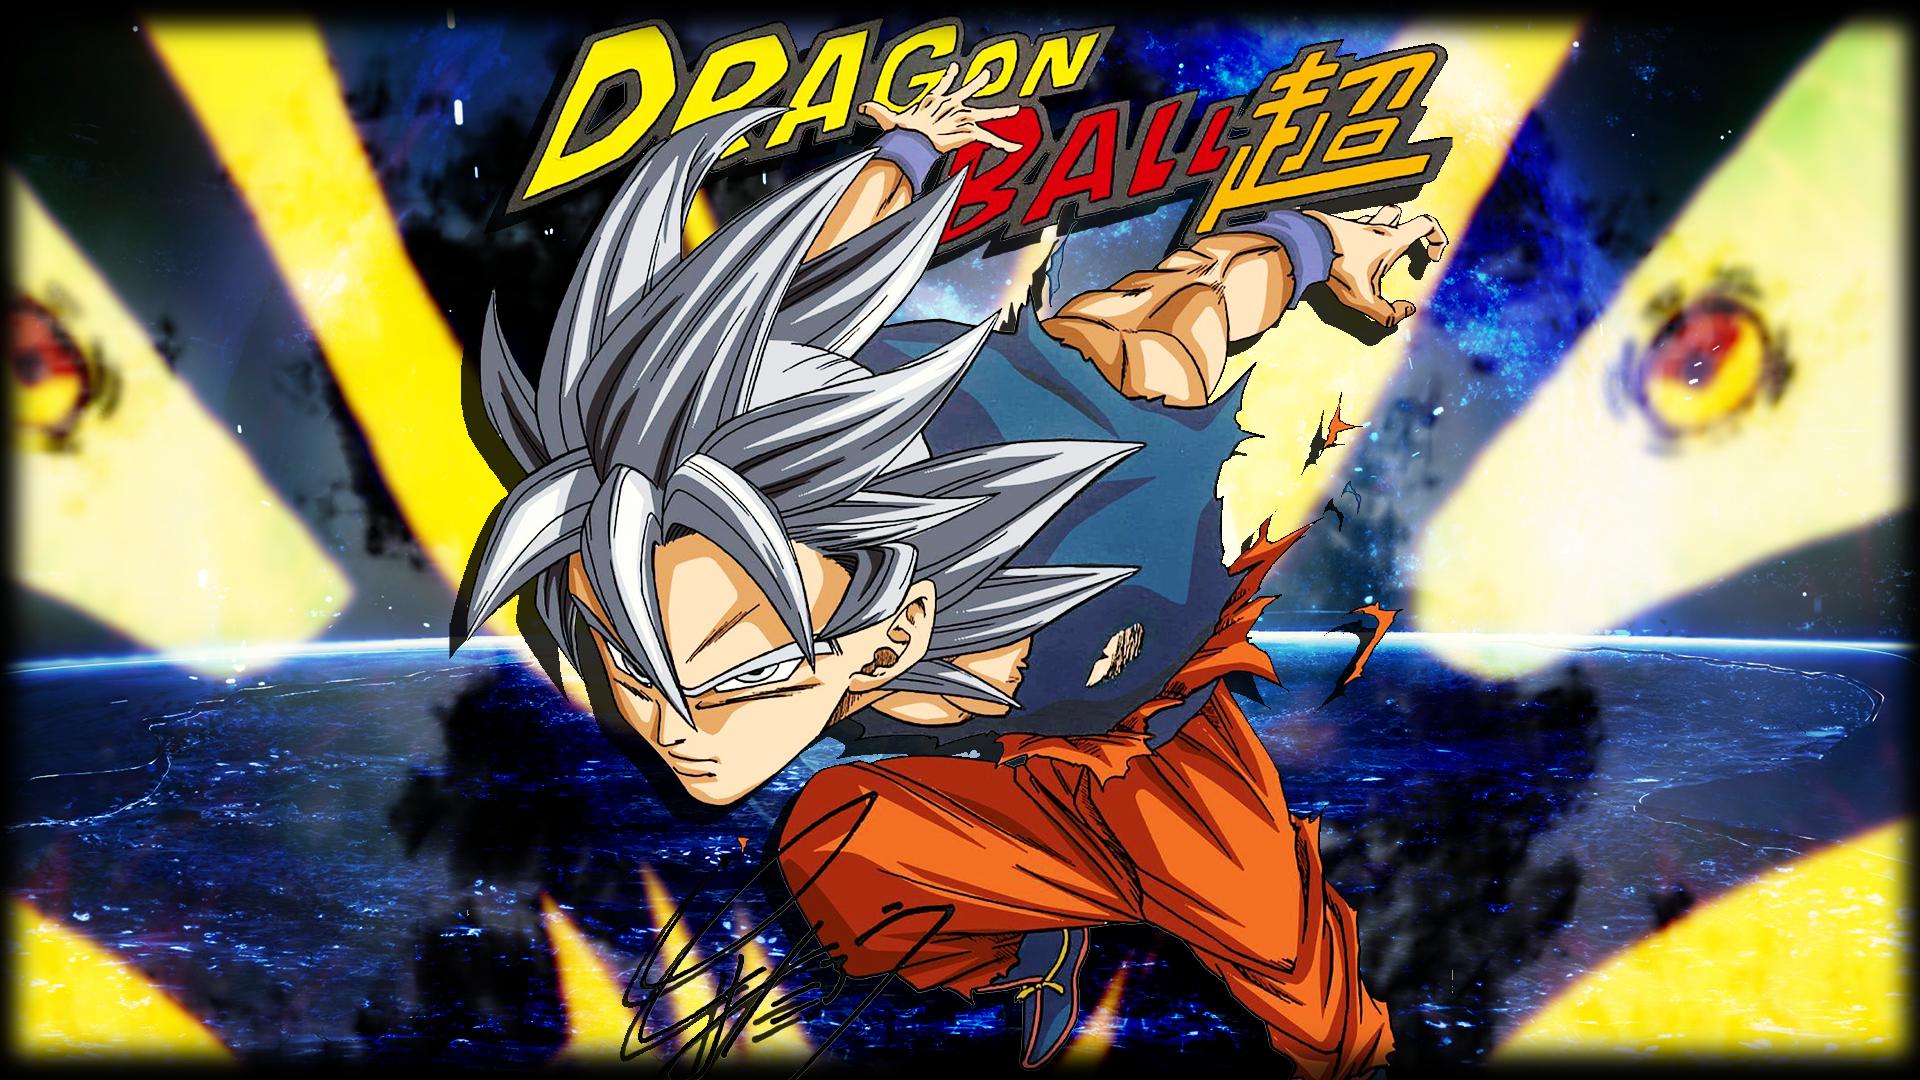 デスクトップ壁紙 Dragon Ball Super Movie 孫悟空 Ultra Instict